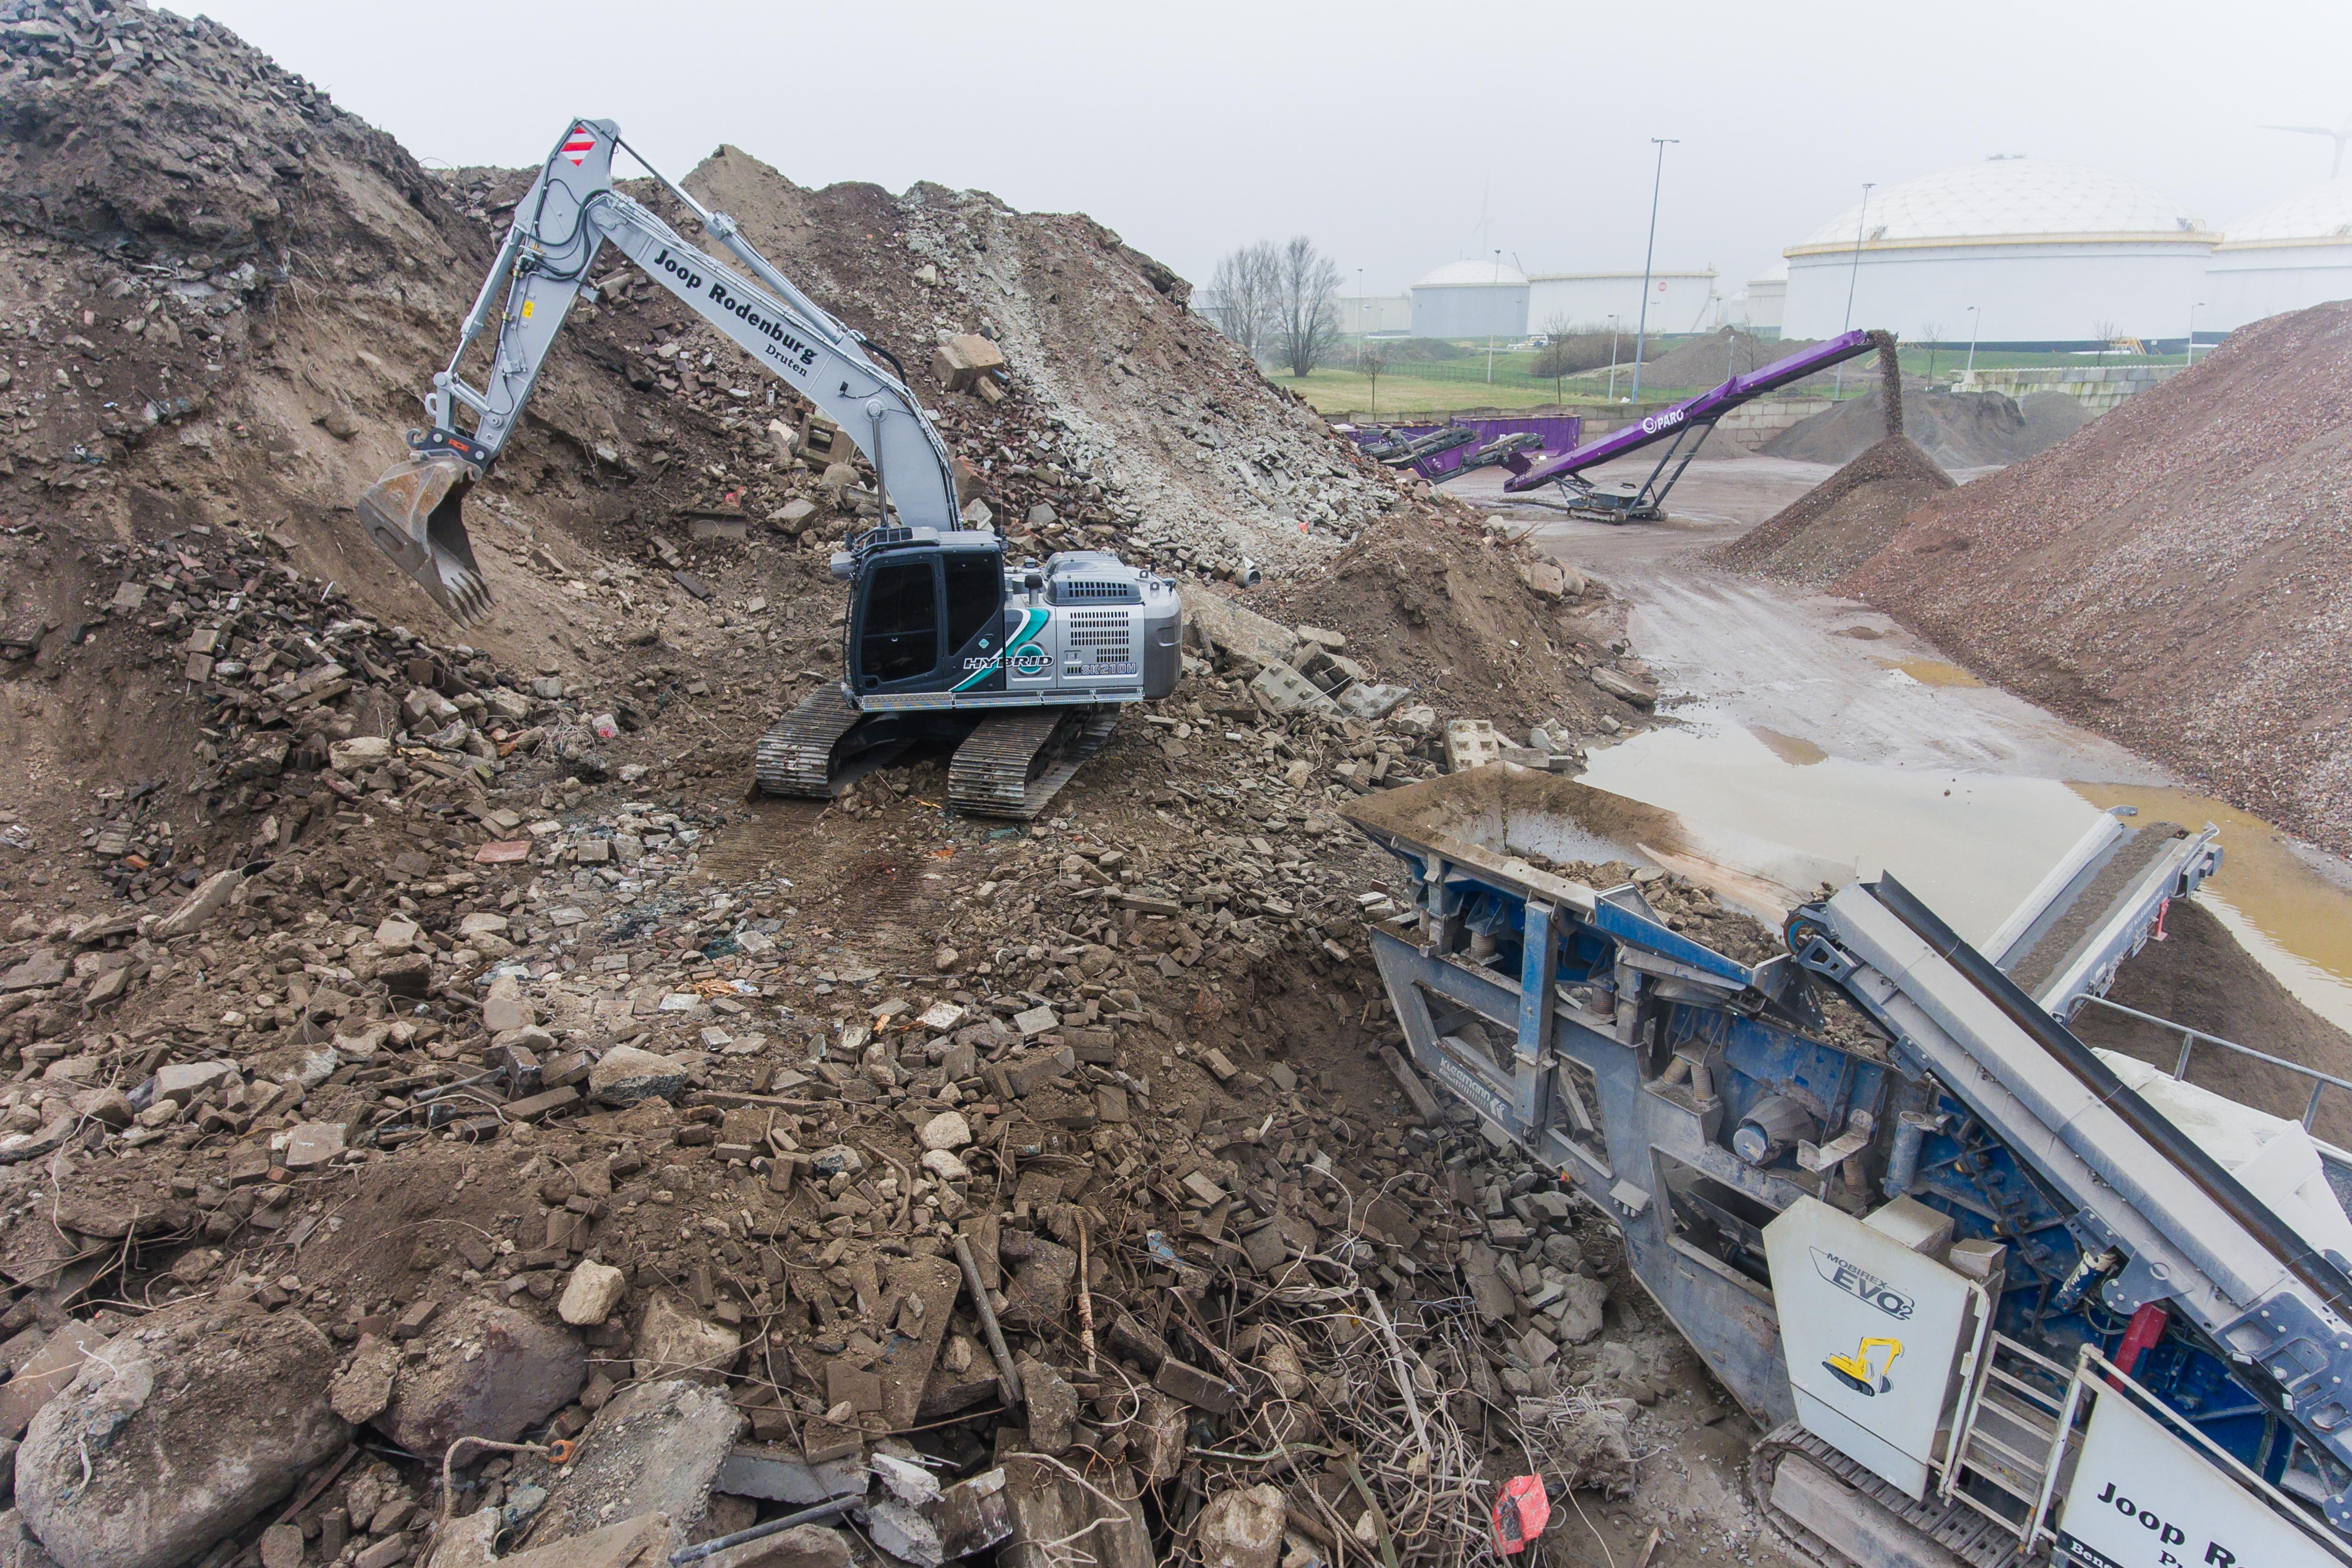 <p>De nieuwe Kobelco van Rodenburg in actie bij afvalverwerker Paro in Amsterdam. &#8216;Deze machine zwenkt fijner dan een diesel.&#8217;</p>